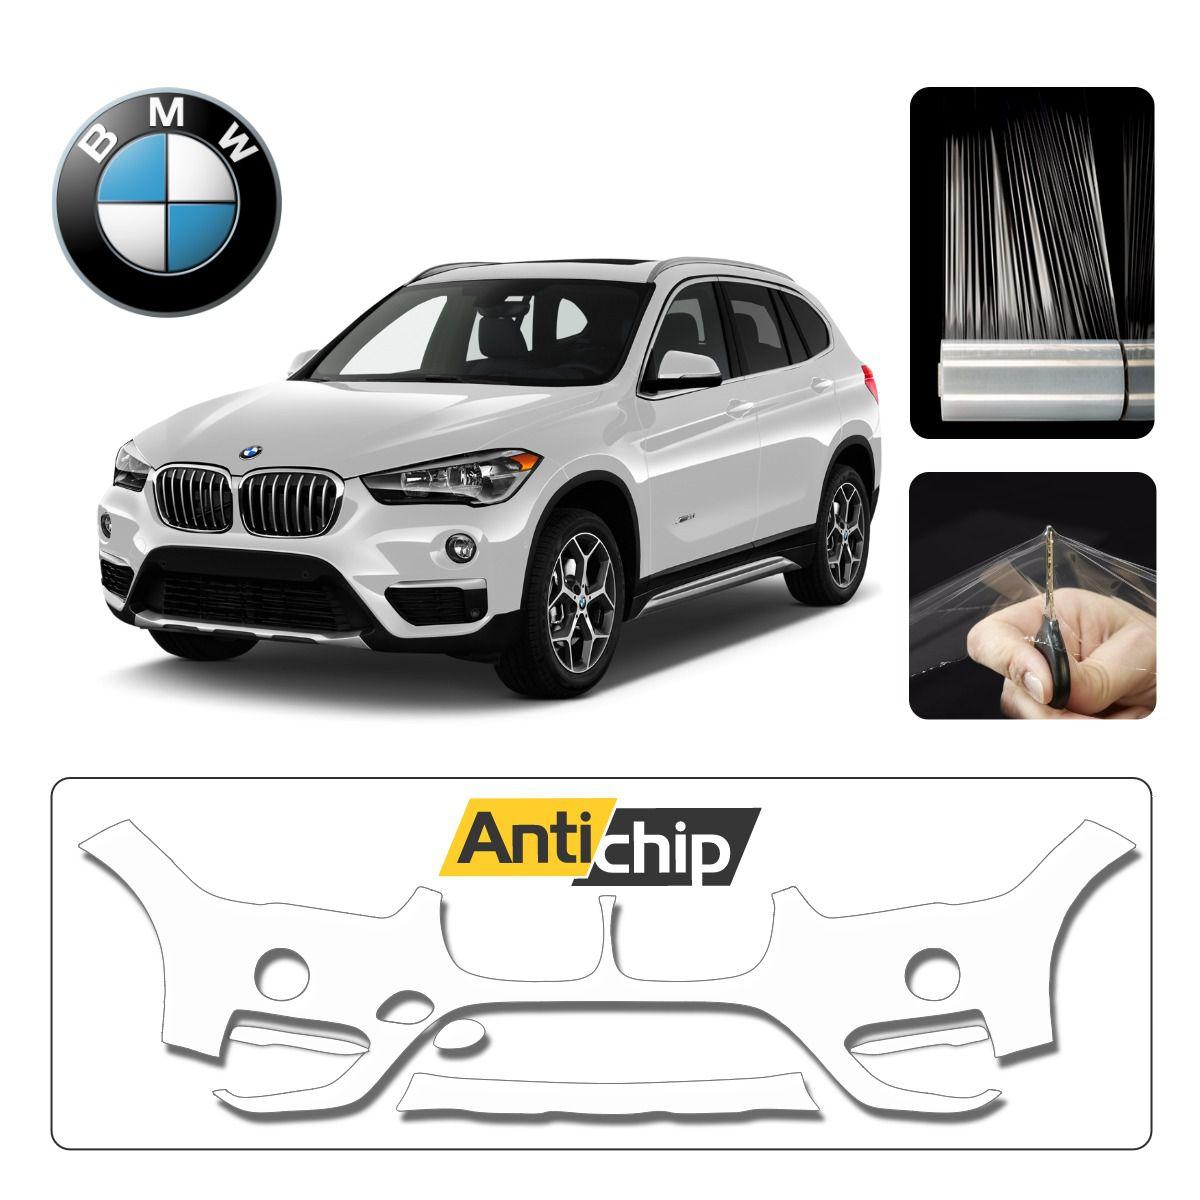 Película Protetora de Pintura Para-Choque BMW X1 2019 - Antichip